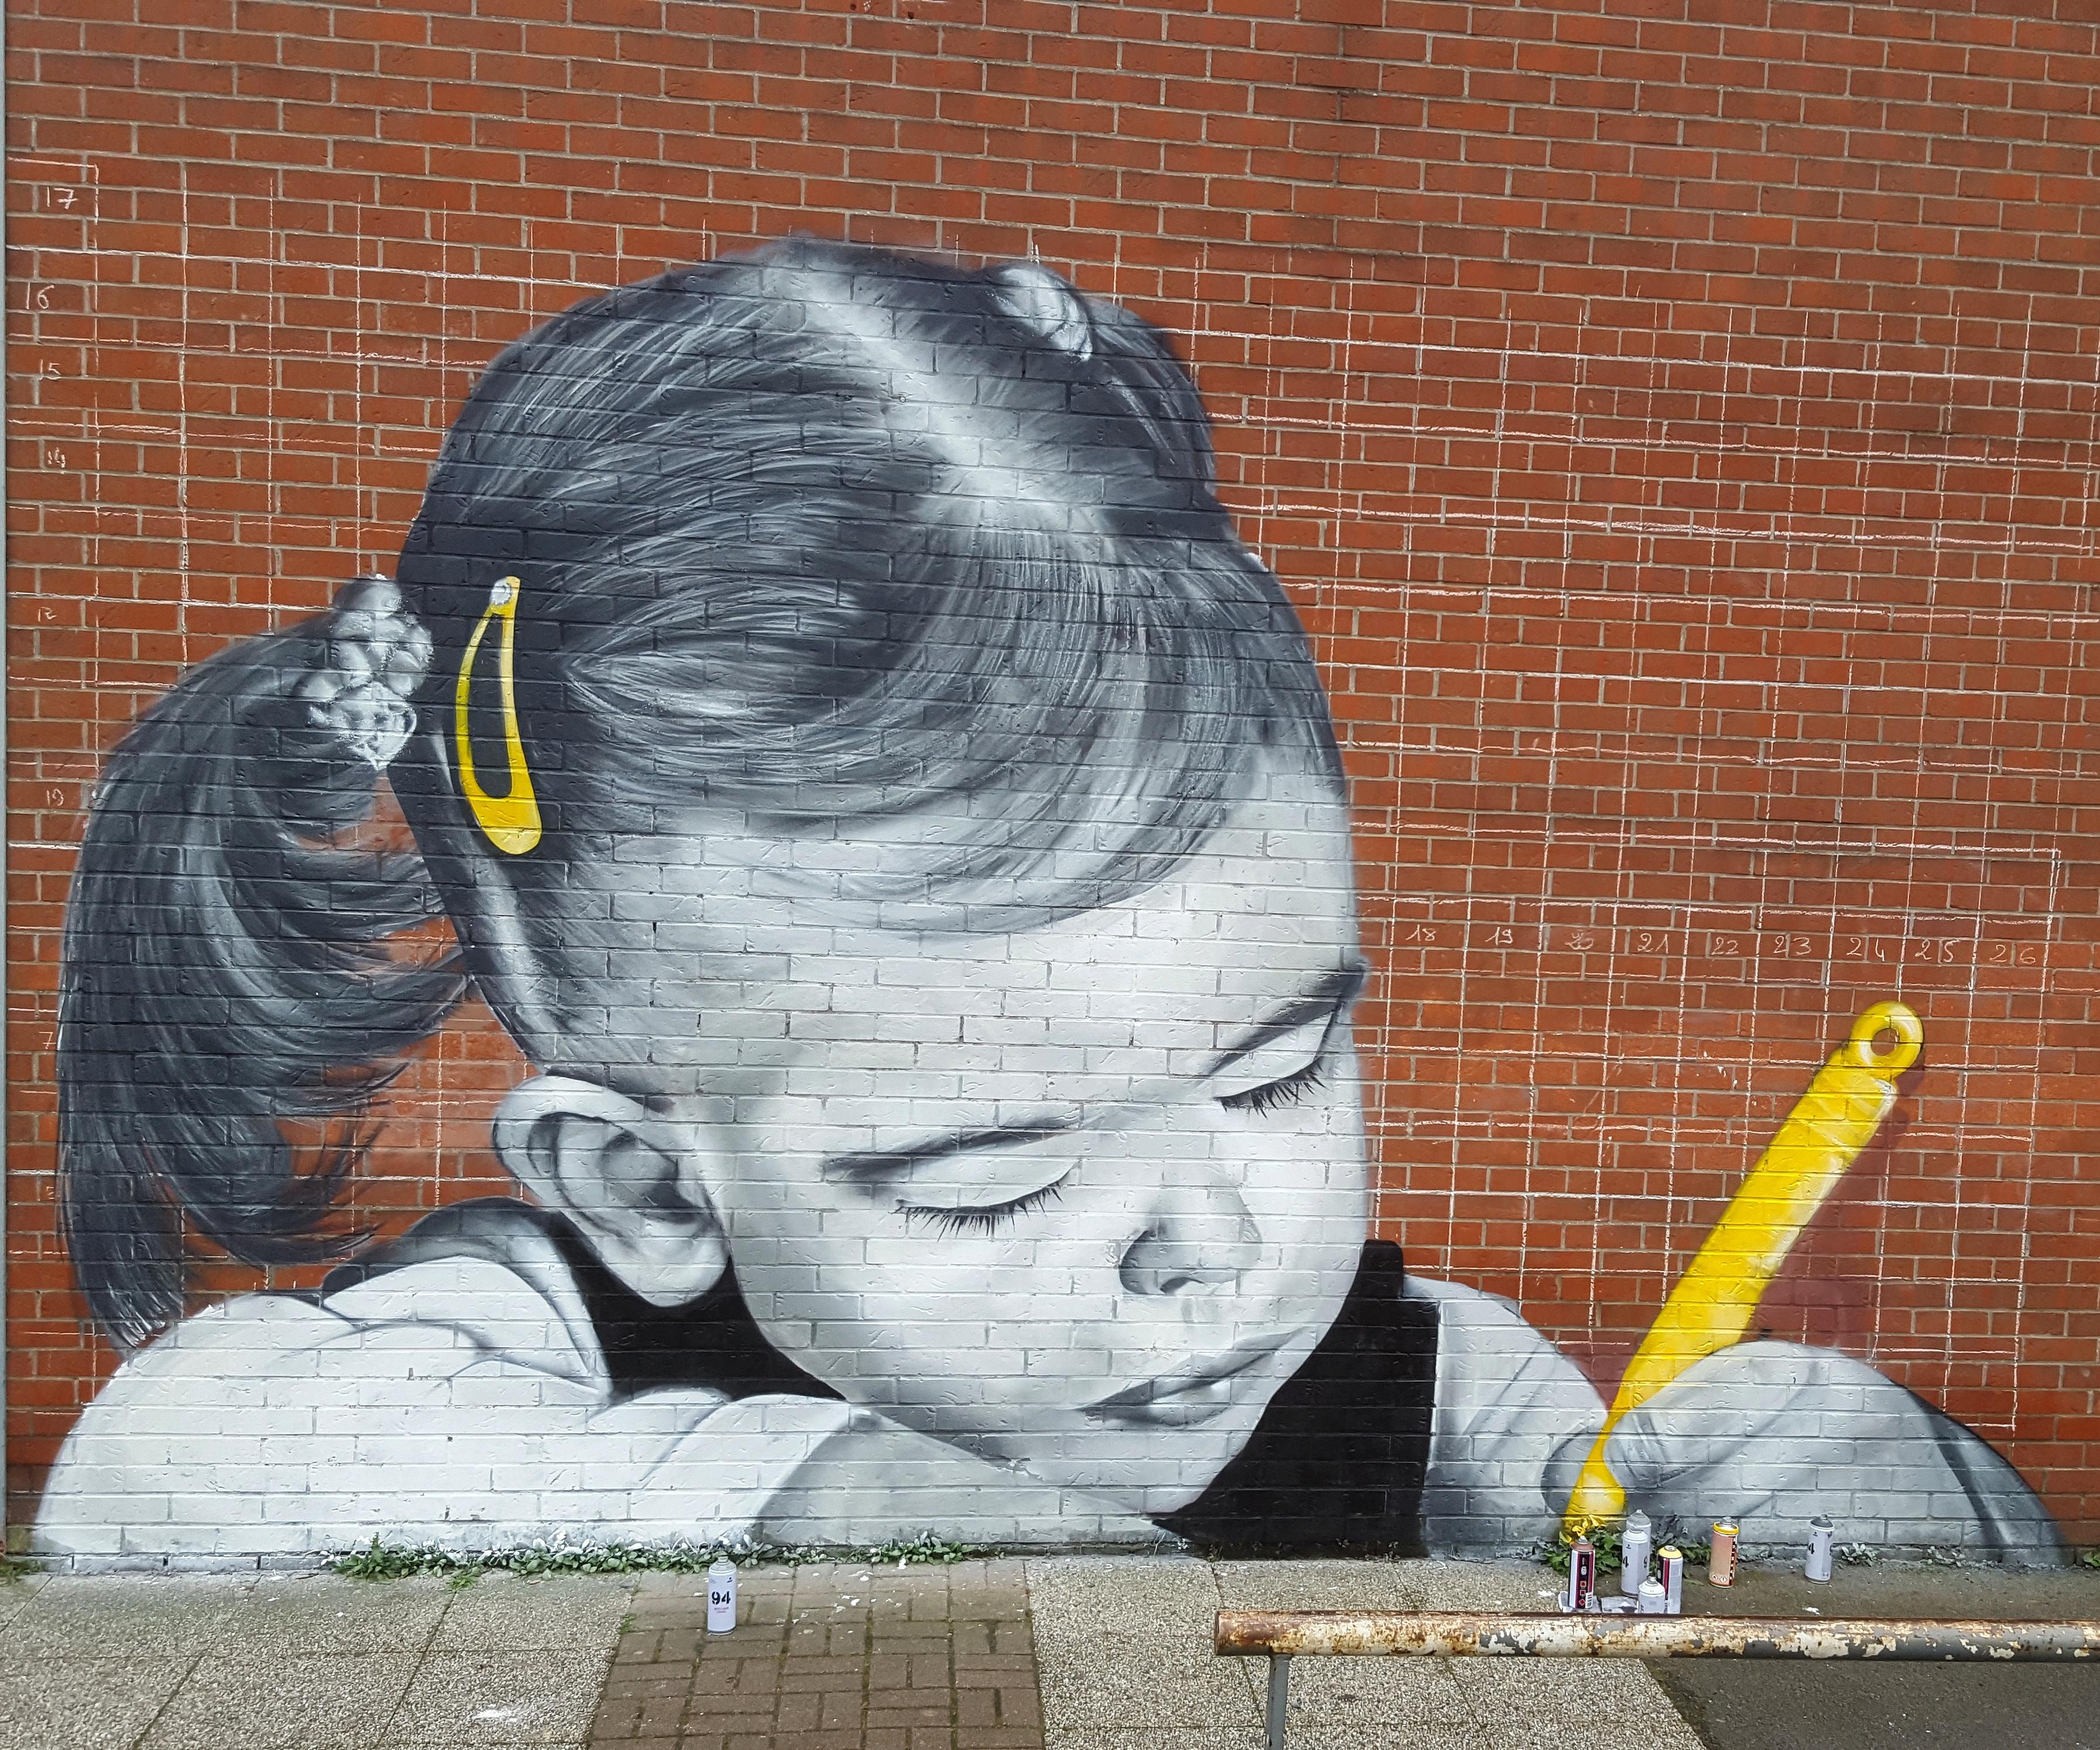 Les graffitis à Carrefour Auchel